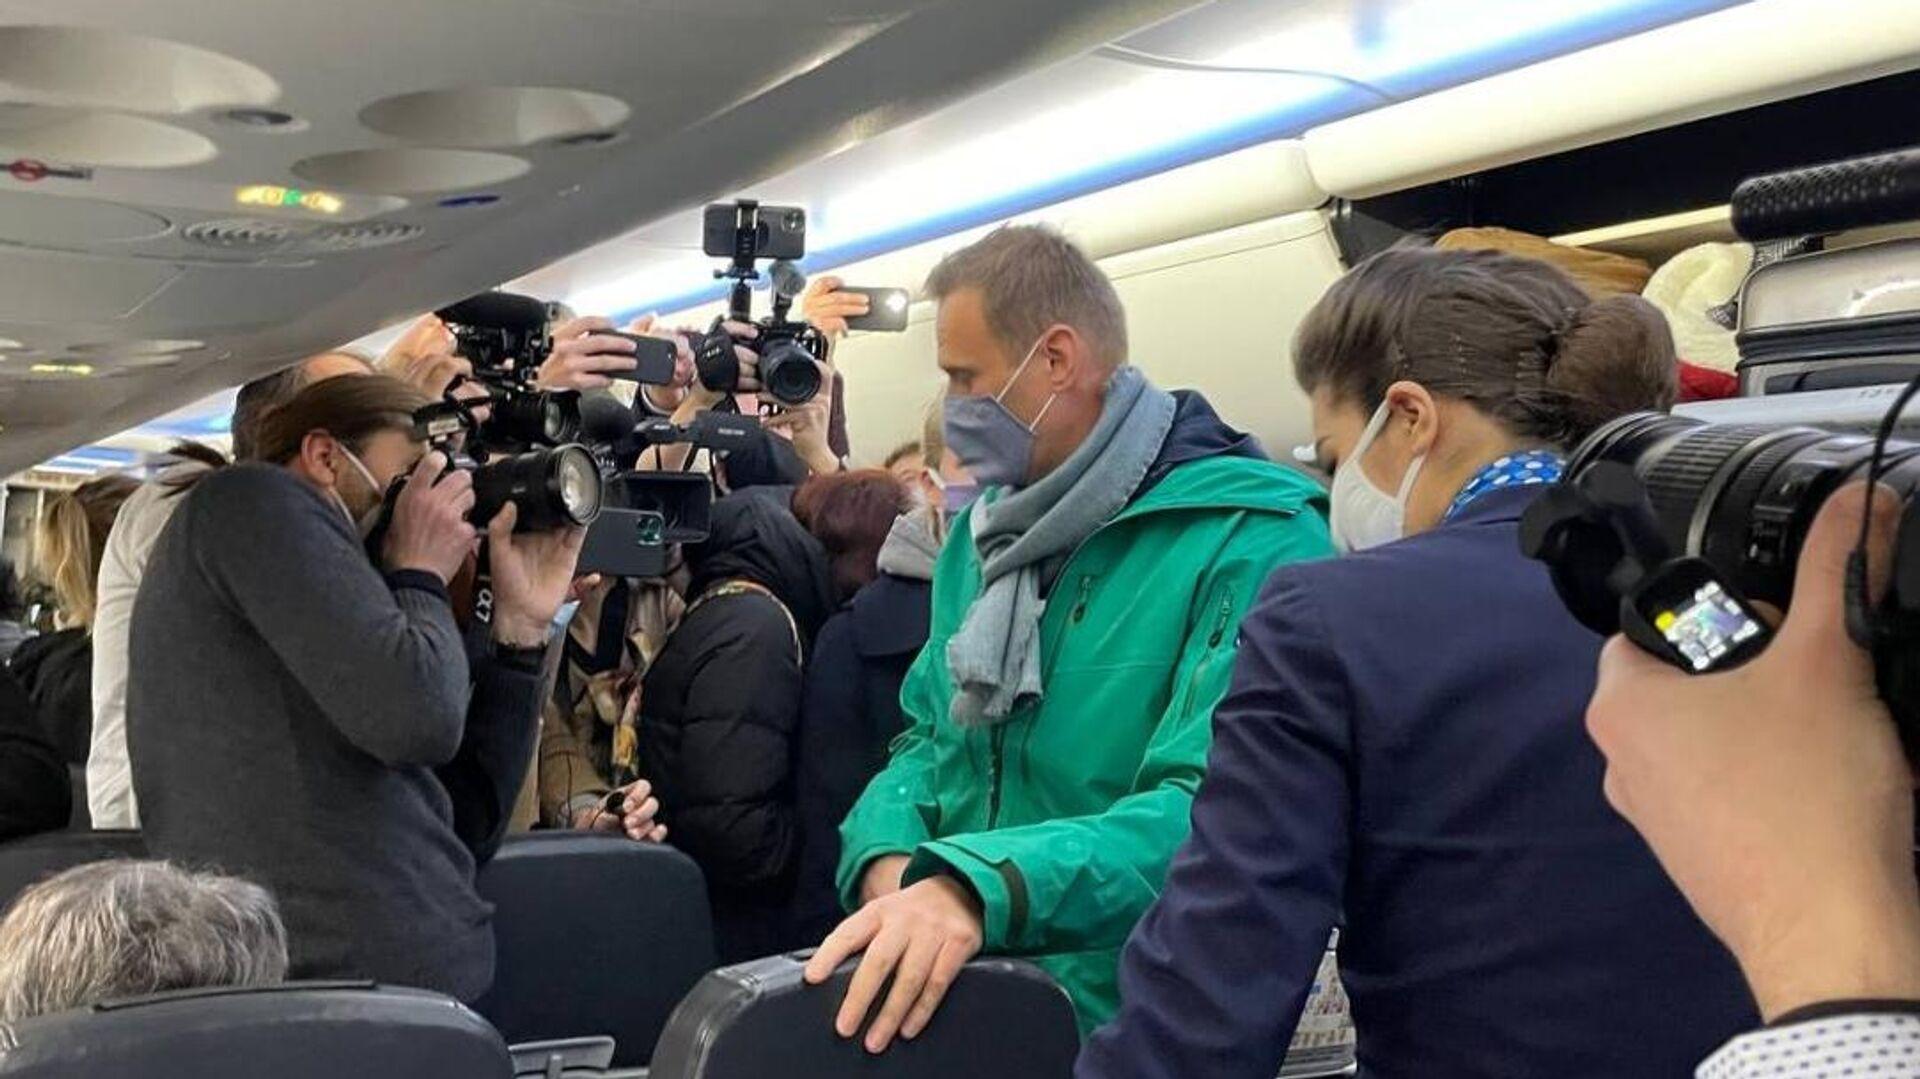 Алексей Навальный в салоне самолета авиакомпании Победа - РИА Новости, 1920, 20.01.2021